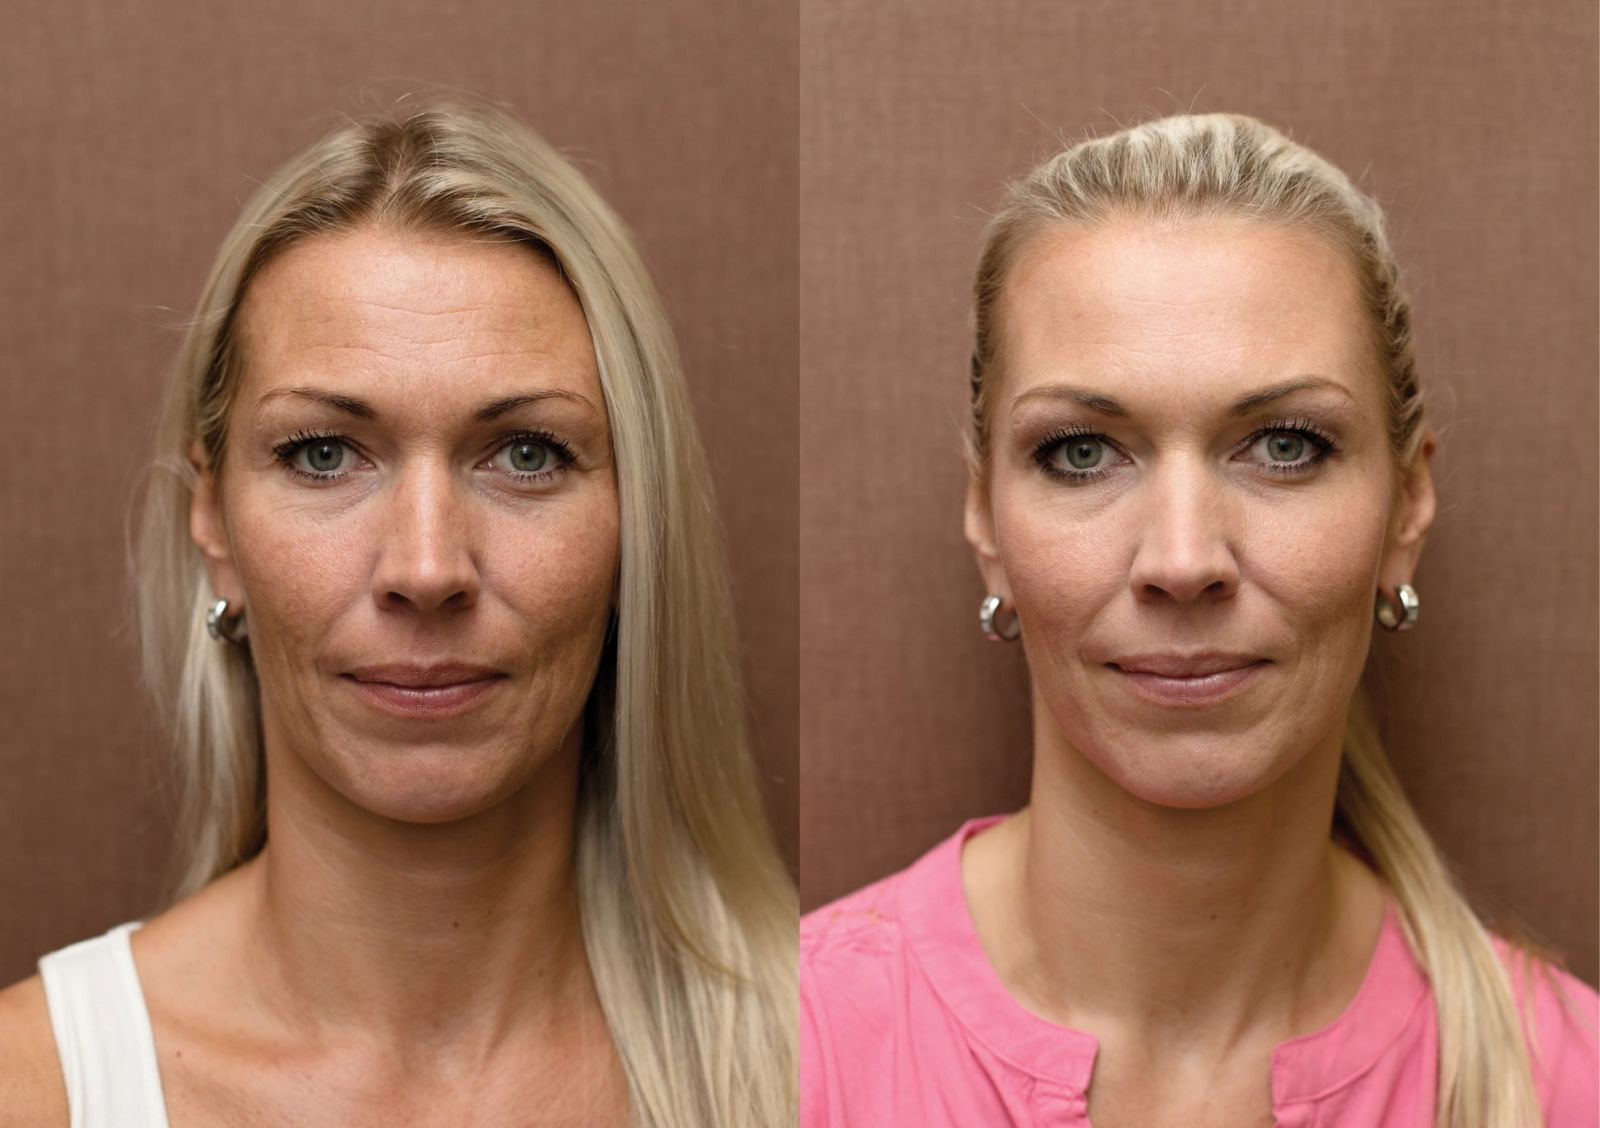 Anti-aging proměny: Chemický peeling, Skinbooster, plasmaterapie, botulotoxin